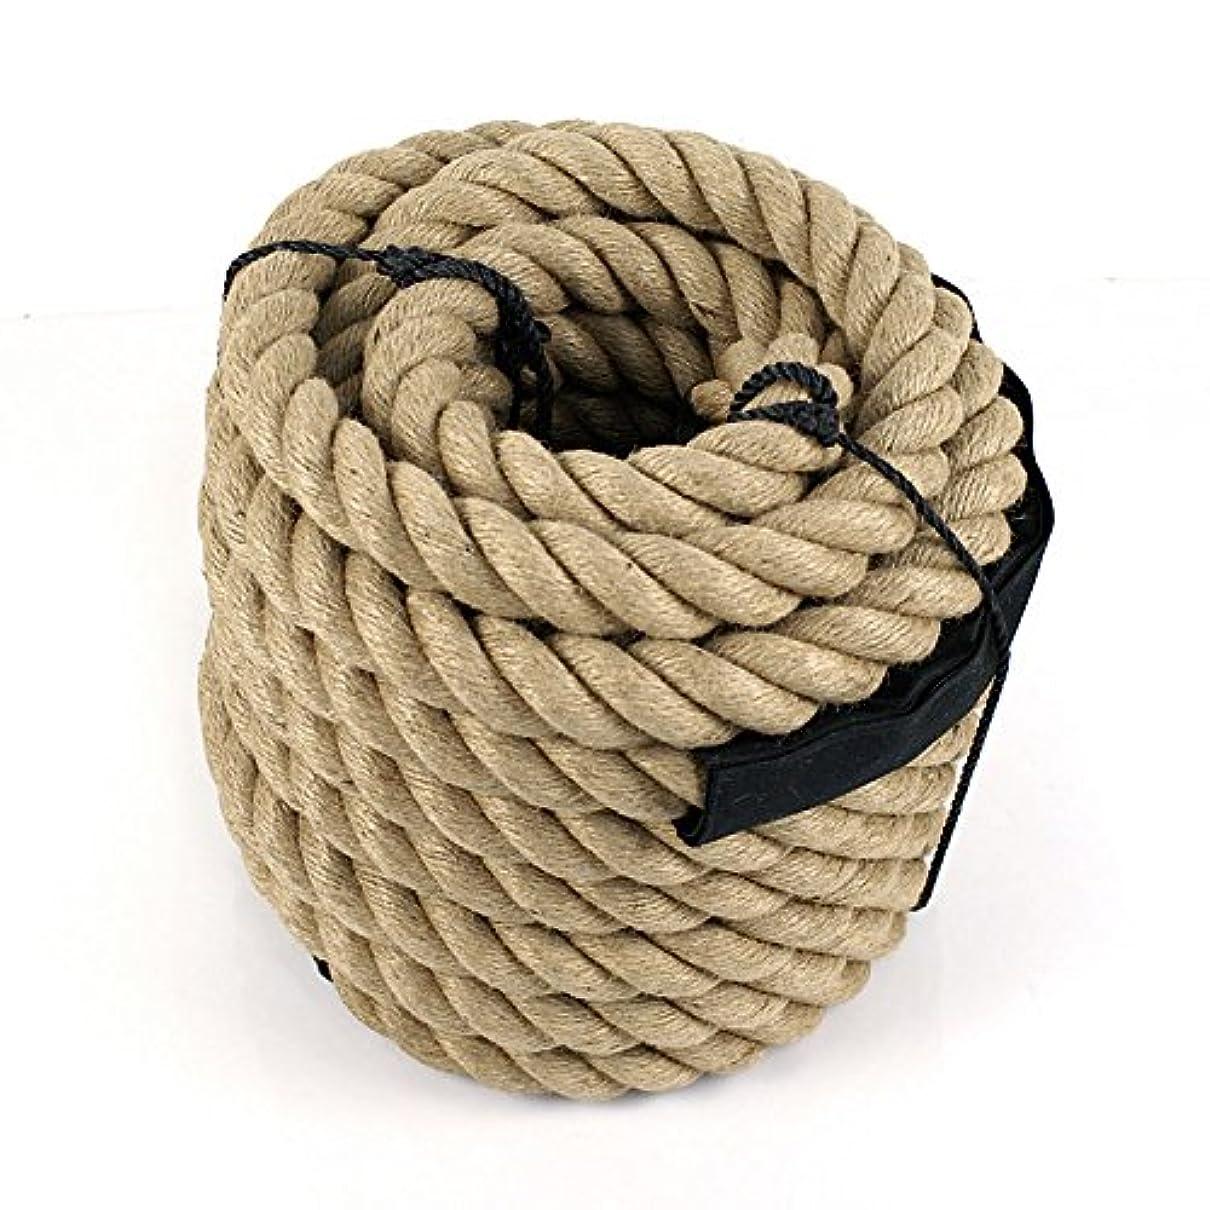 コンバーチブル香りガウン多目的ロープ マニラロープ ボートドック ツリーファームクラフト フィットネス 航海 アンデュレーション 1-1/2インチ X 50フィート 多目的ロープ マニラロープ ボートドック ツリーファームクラフト フィットネス 航海中 1-1/2インチ X 50フィート